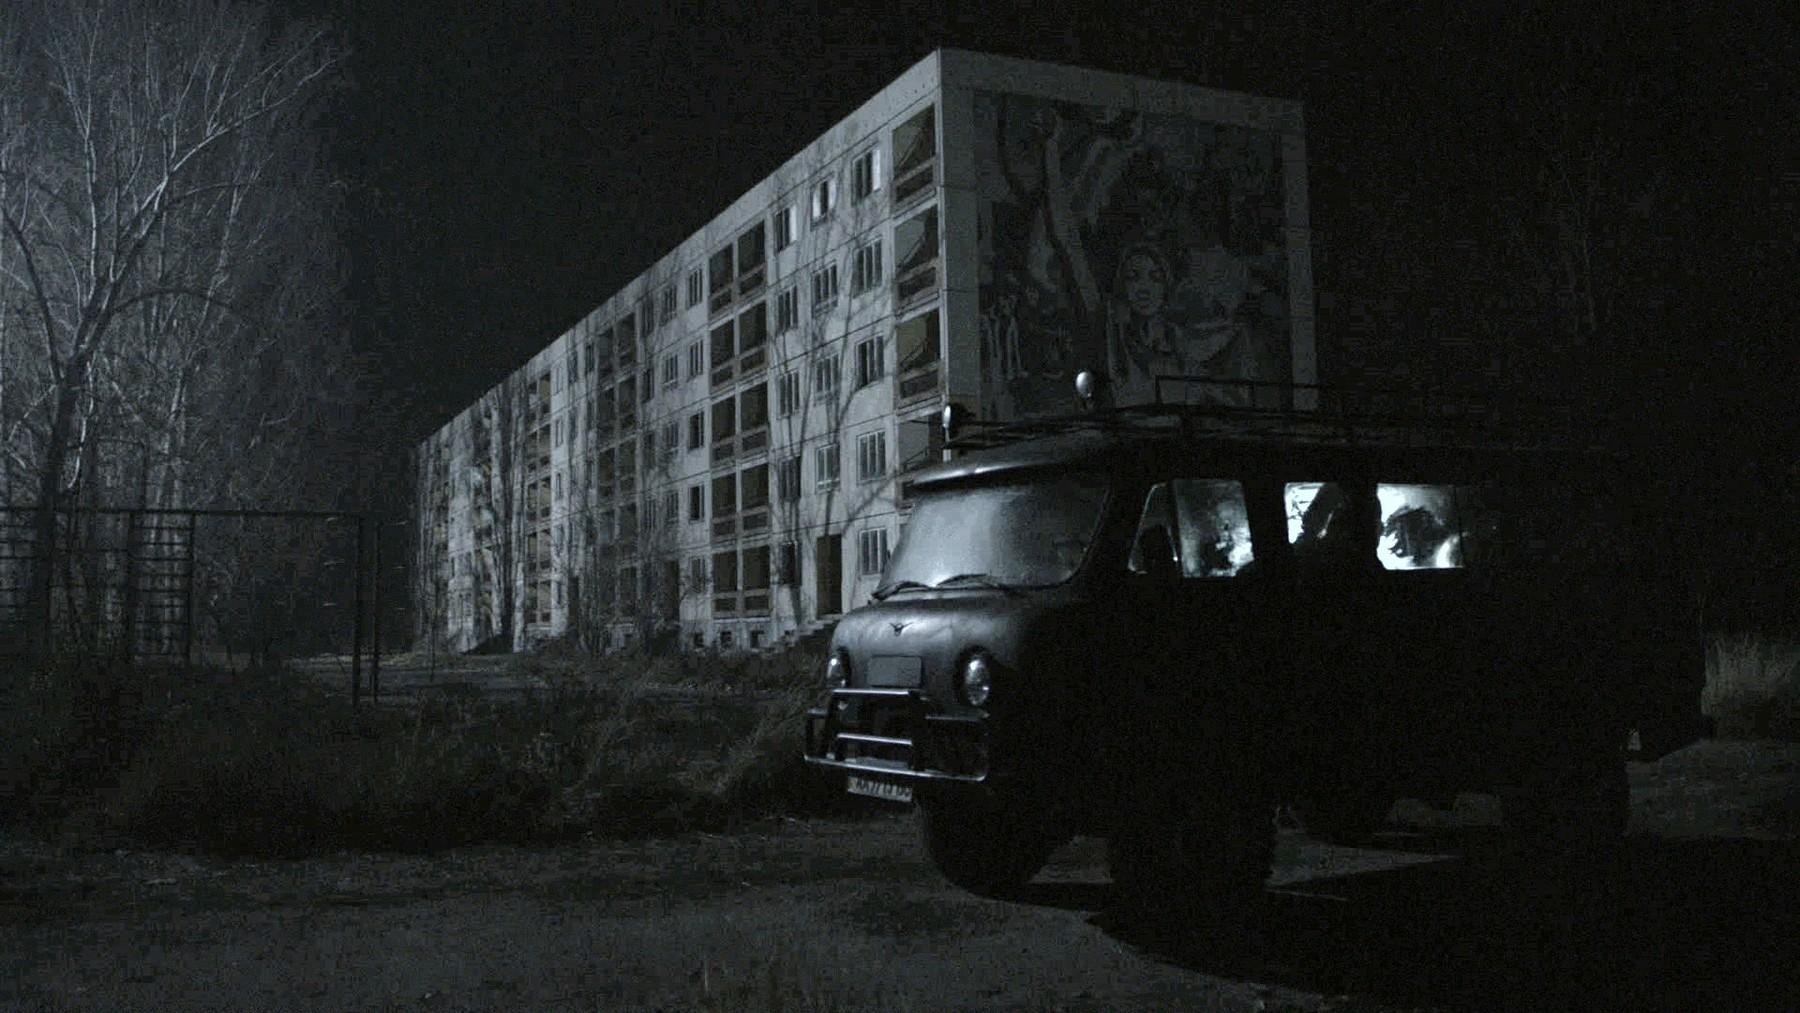 Quelle: http://www.aceshowbiz.com/images/still/chernobyl-diaries01.jpg